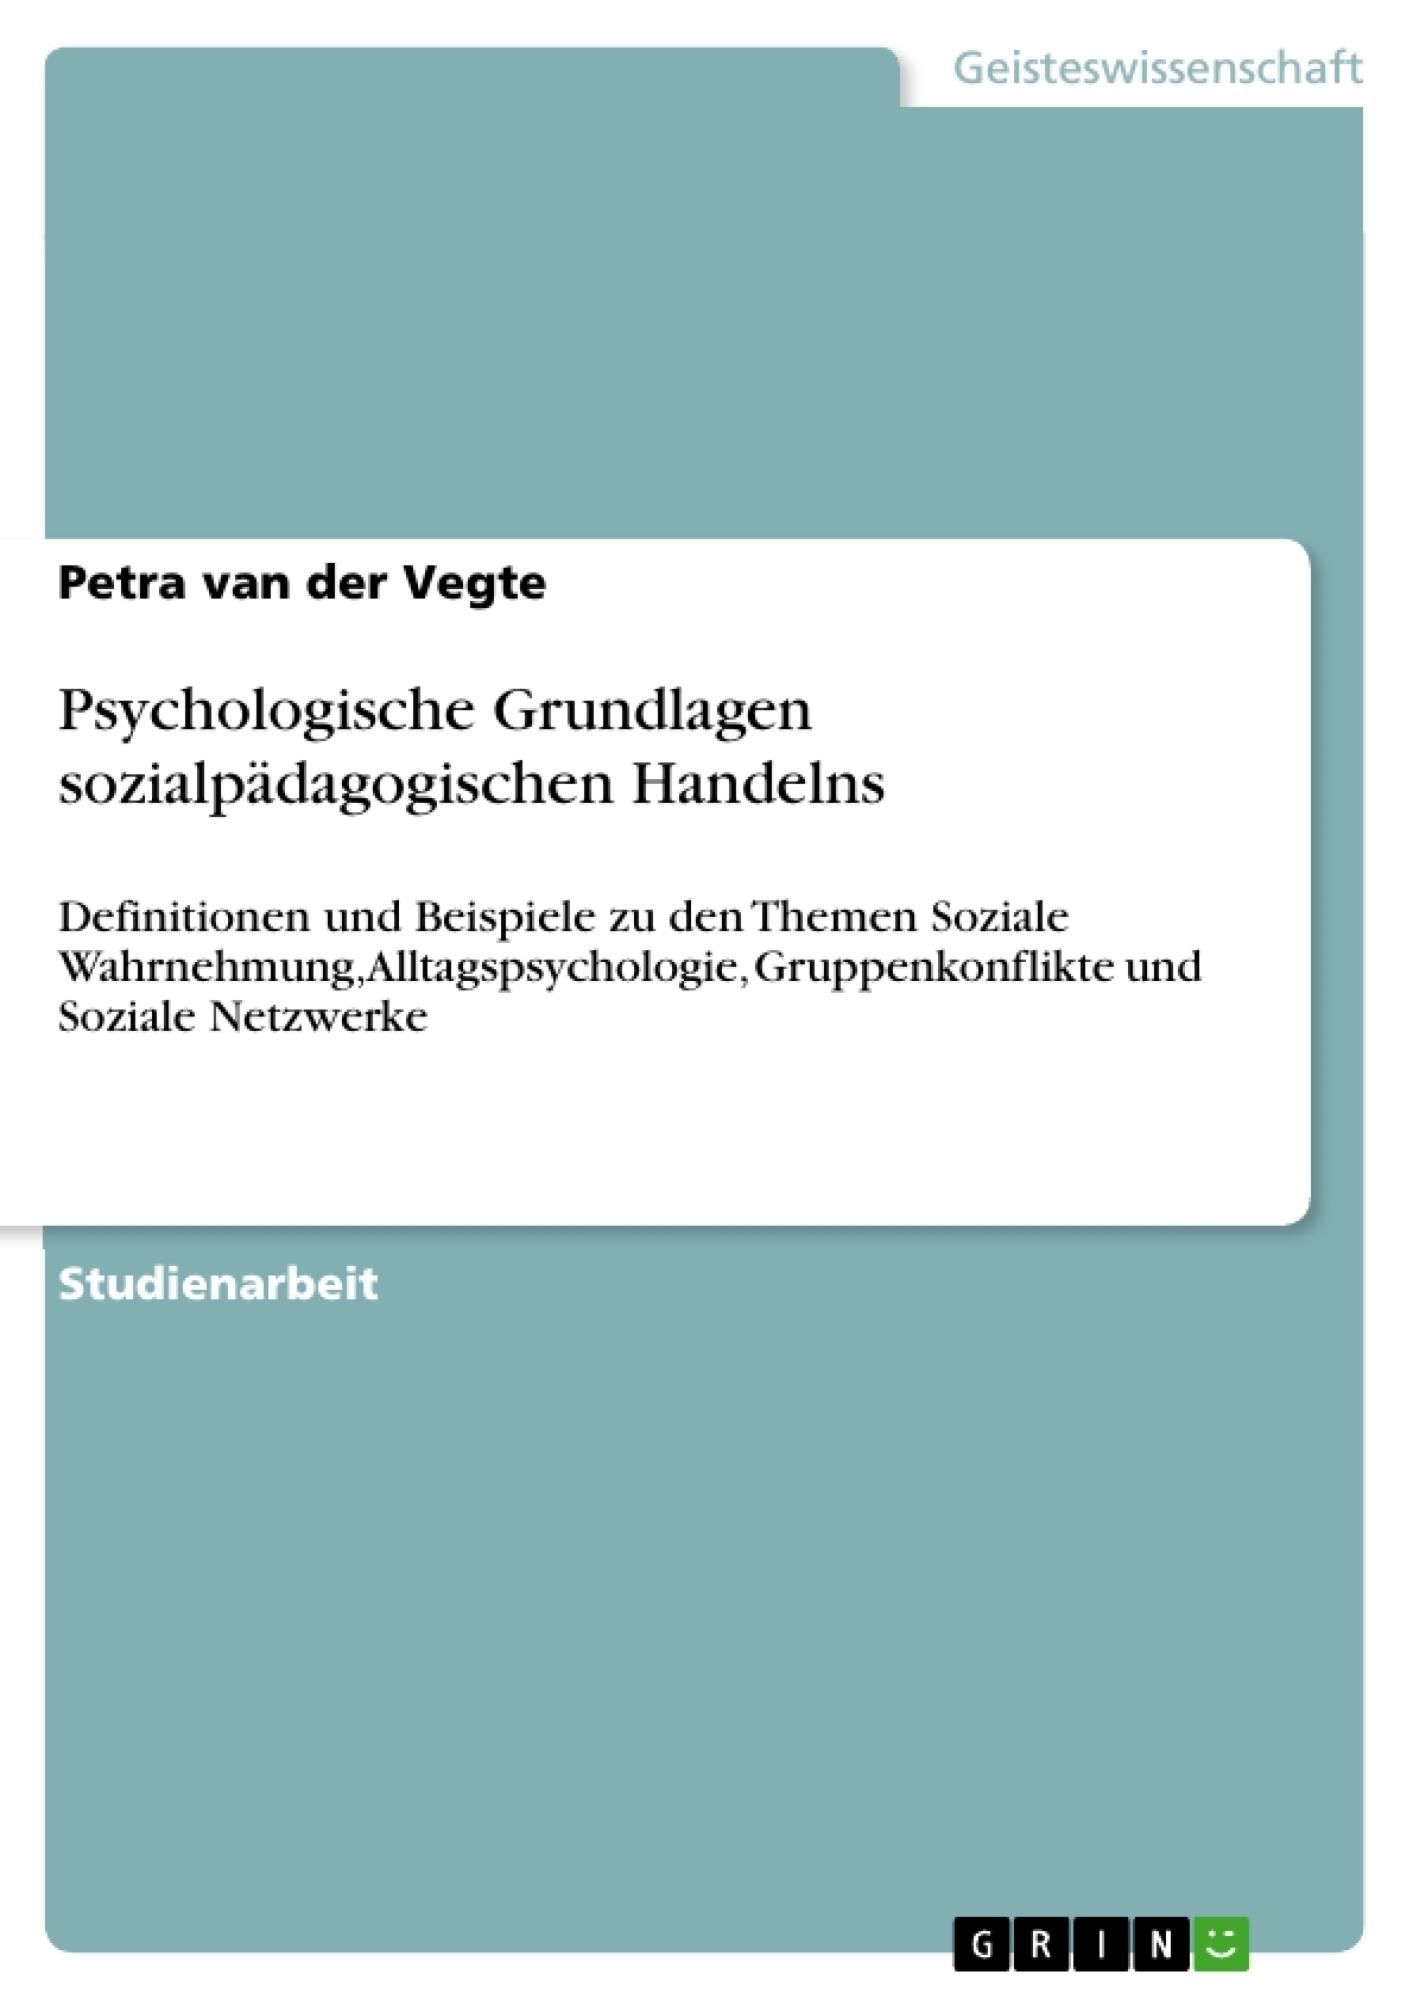 Titel: Psychologische Grundlagen sozialpädagogischen Handelns